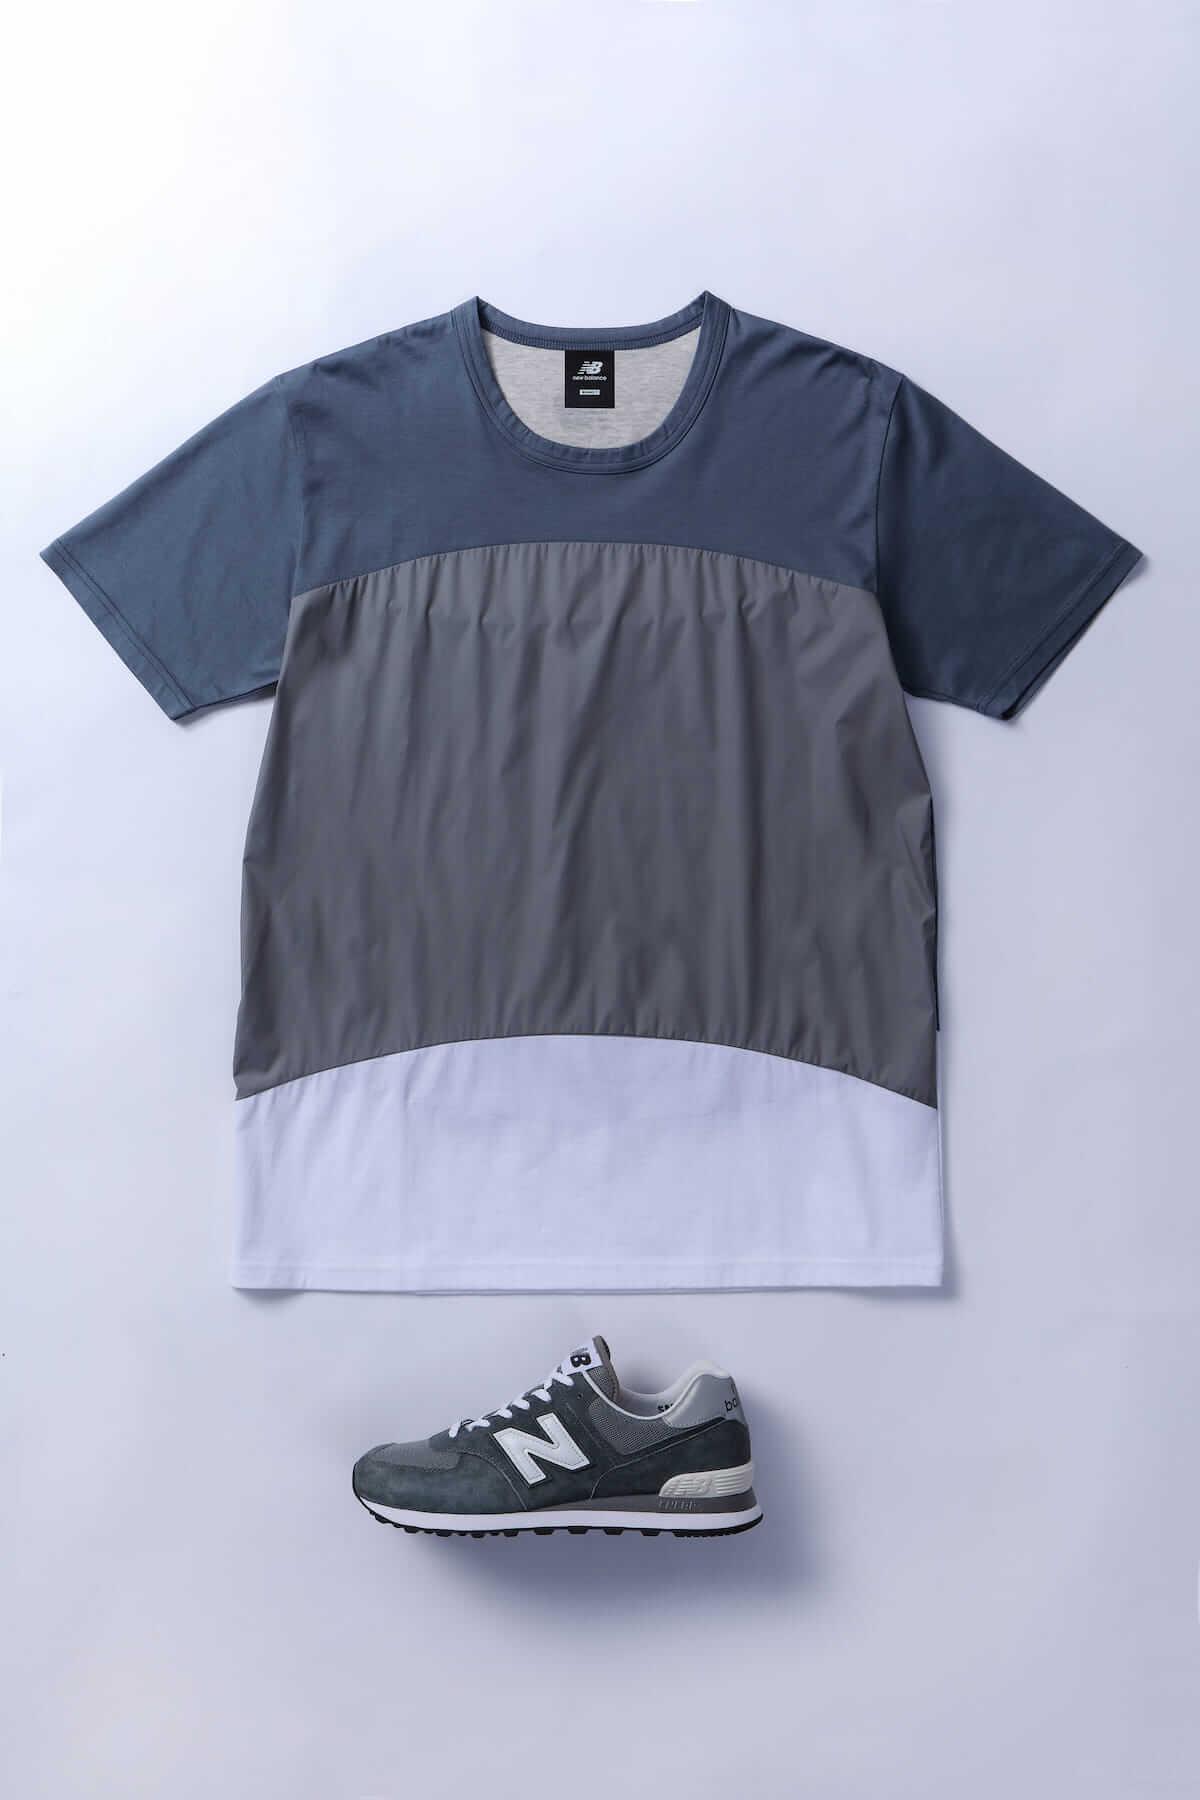 New balance×ALOYE Tシャツコレクションが限定登場!「574」などをTシャツで表現! life180314-newbalance-aloye-9-1200x1800